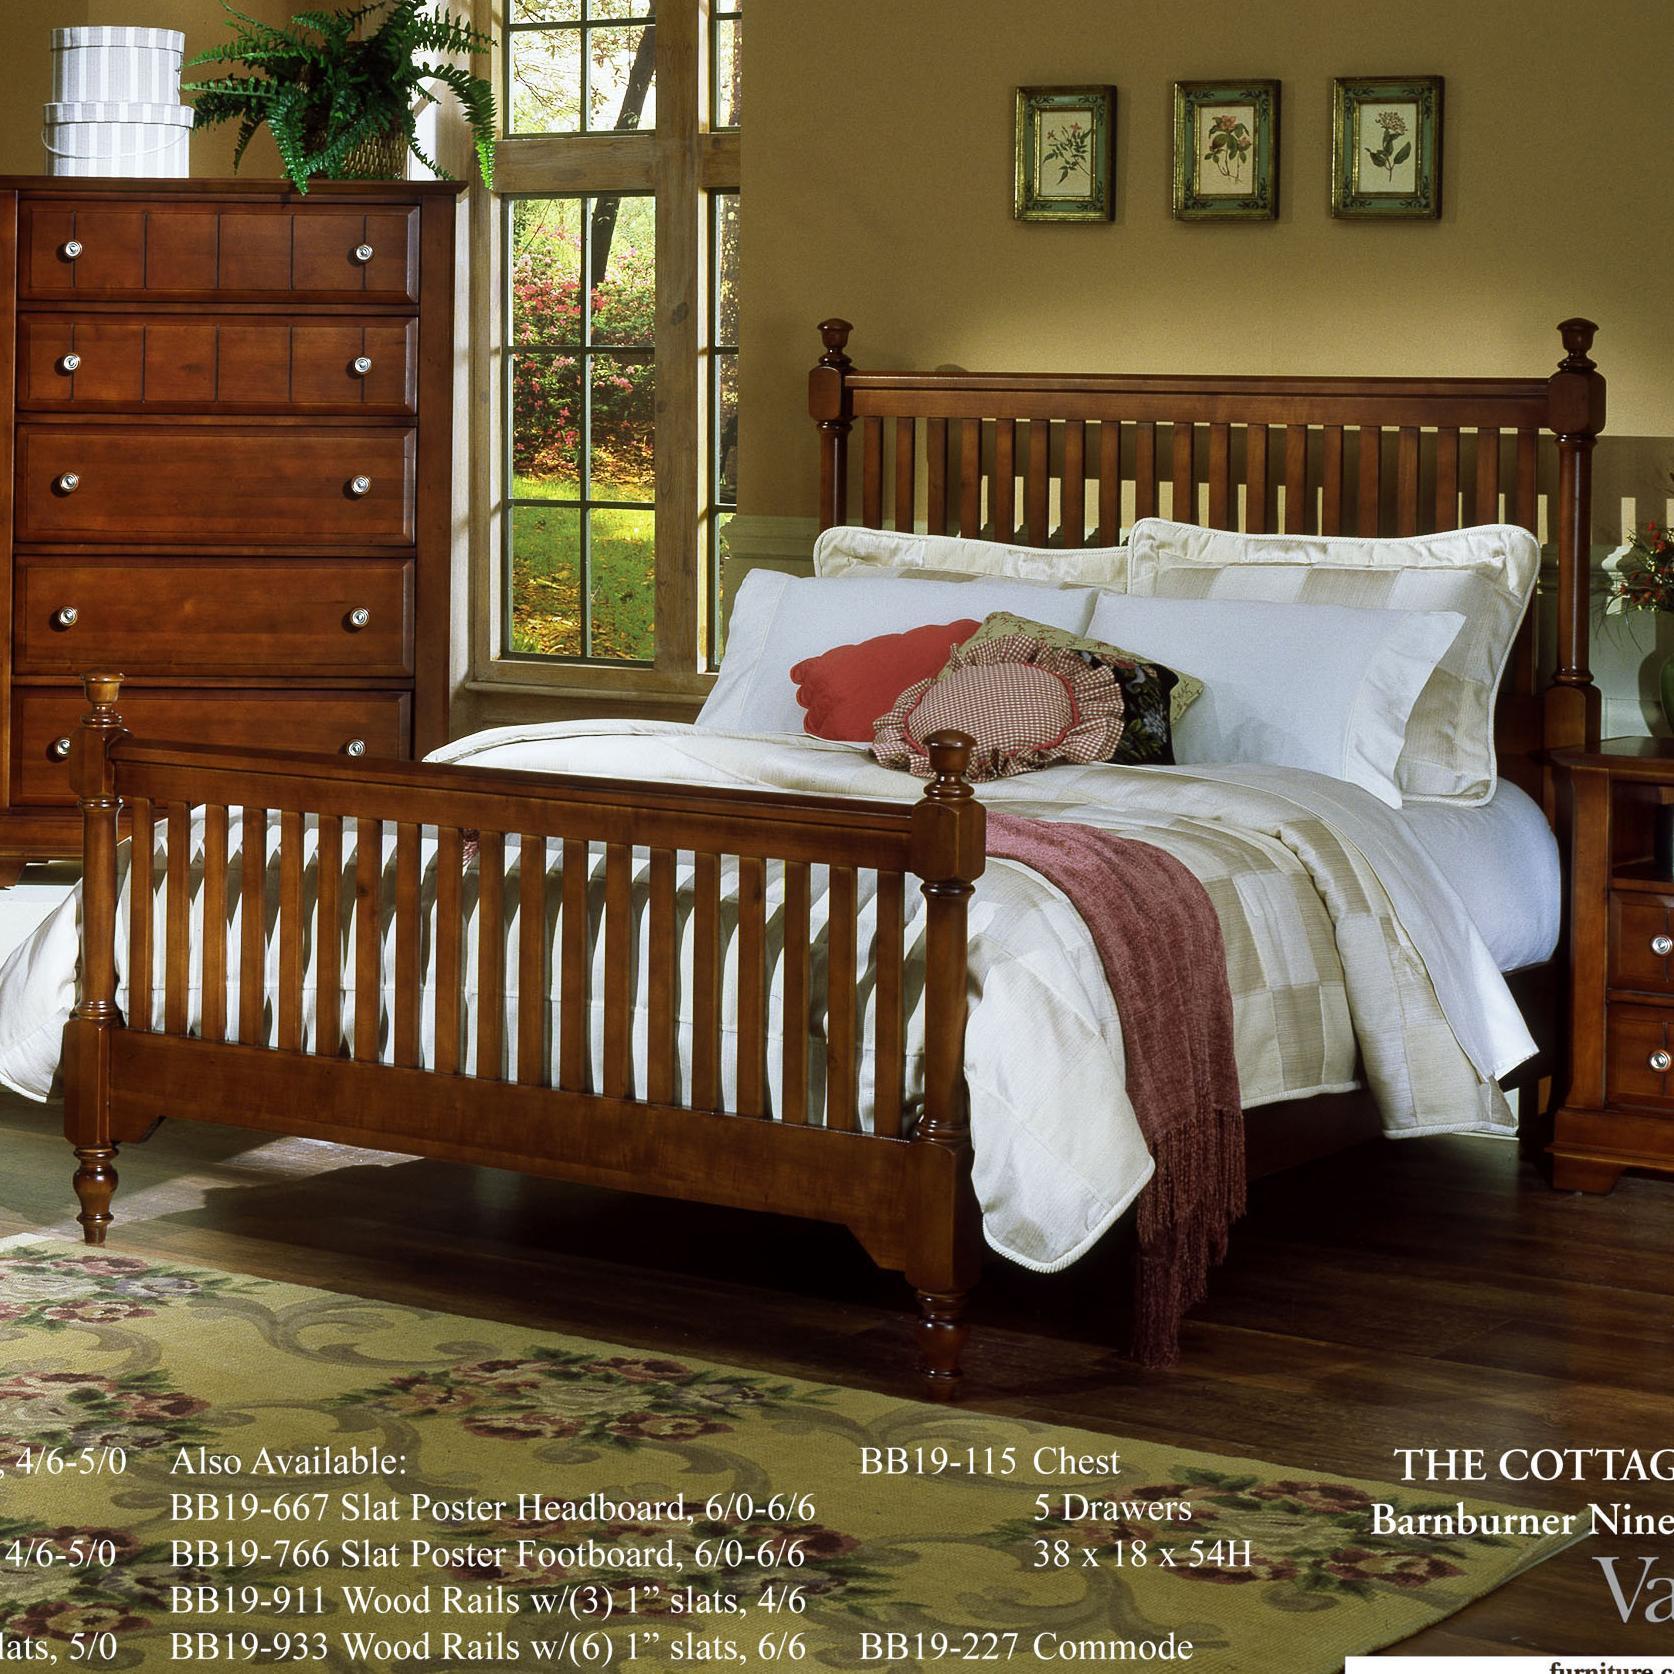 King slat poster bed